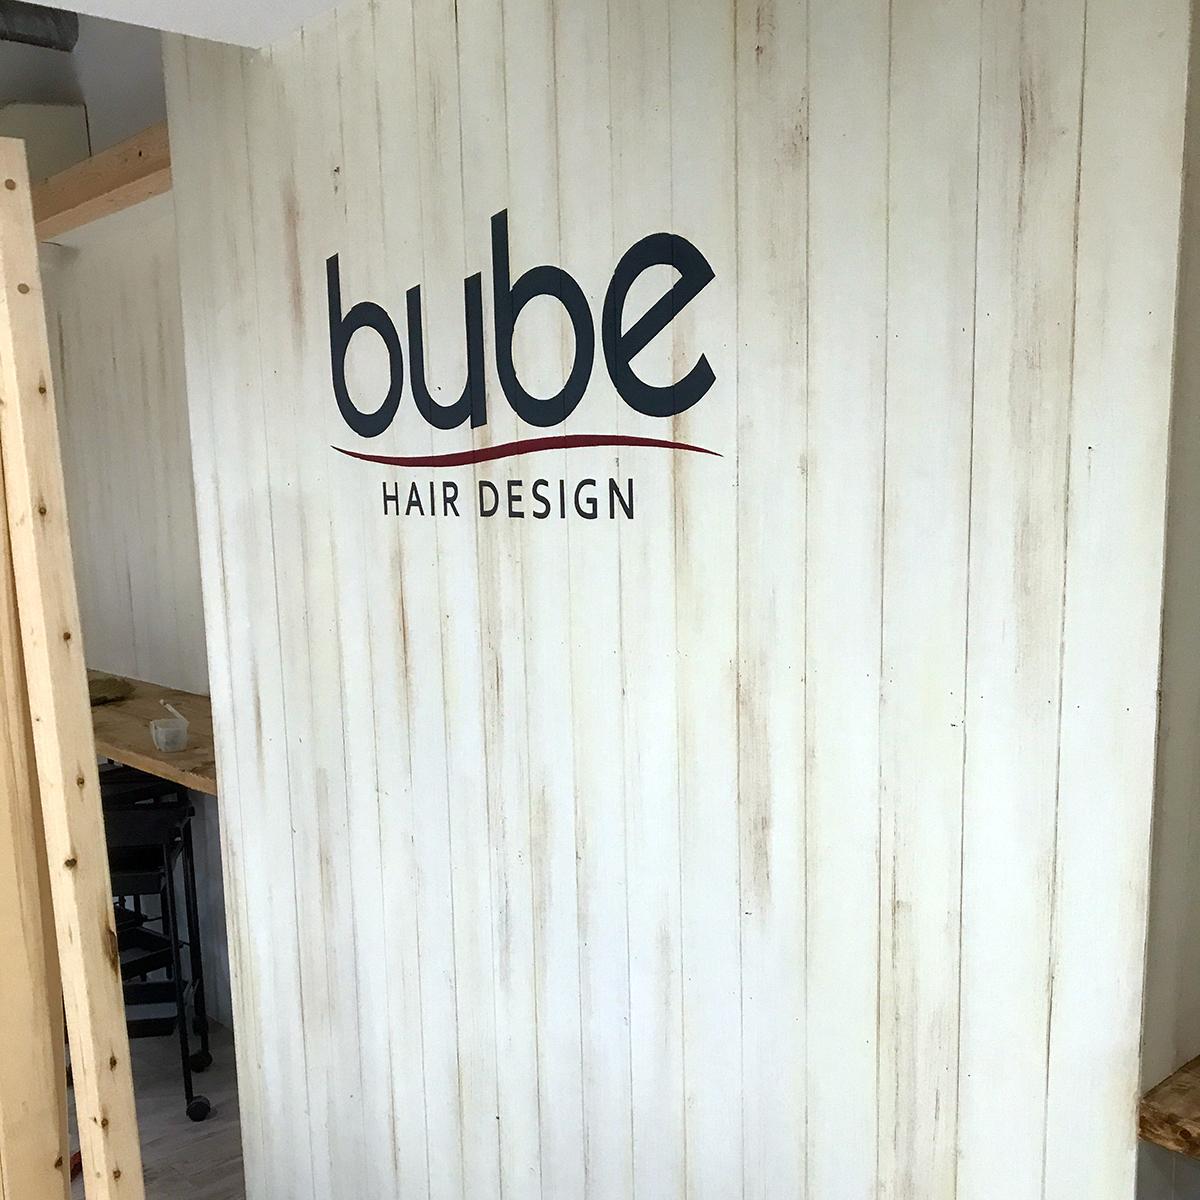 bube02